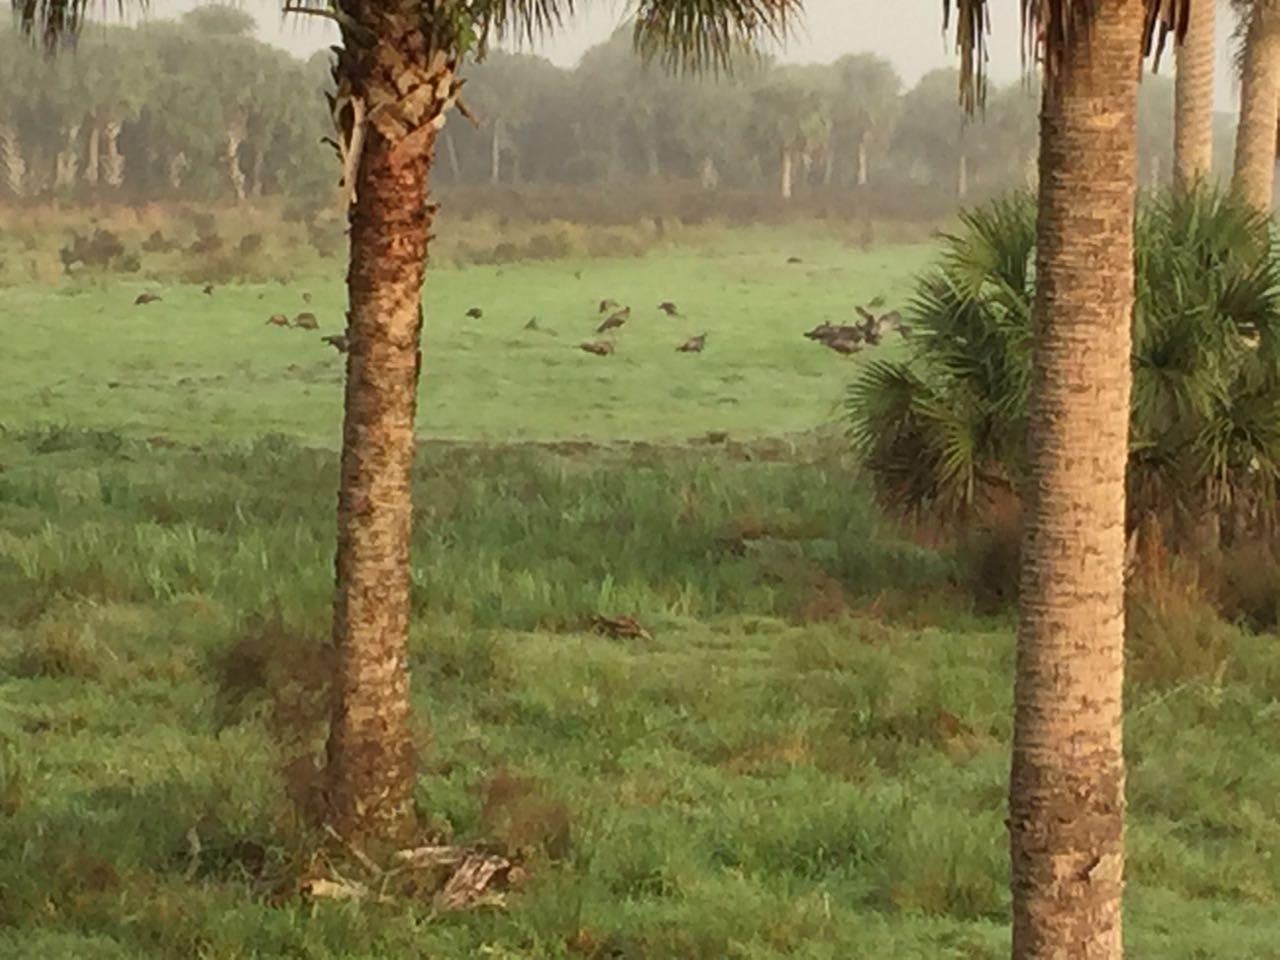 deseret-cattle-citrus-florida-ranch-osceola-turkeys.jpg